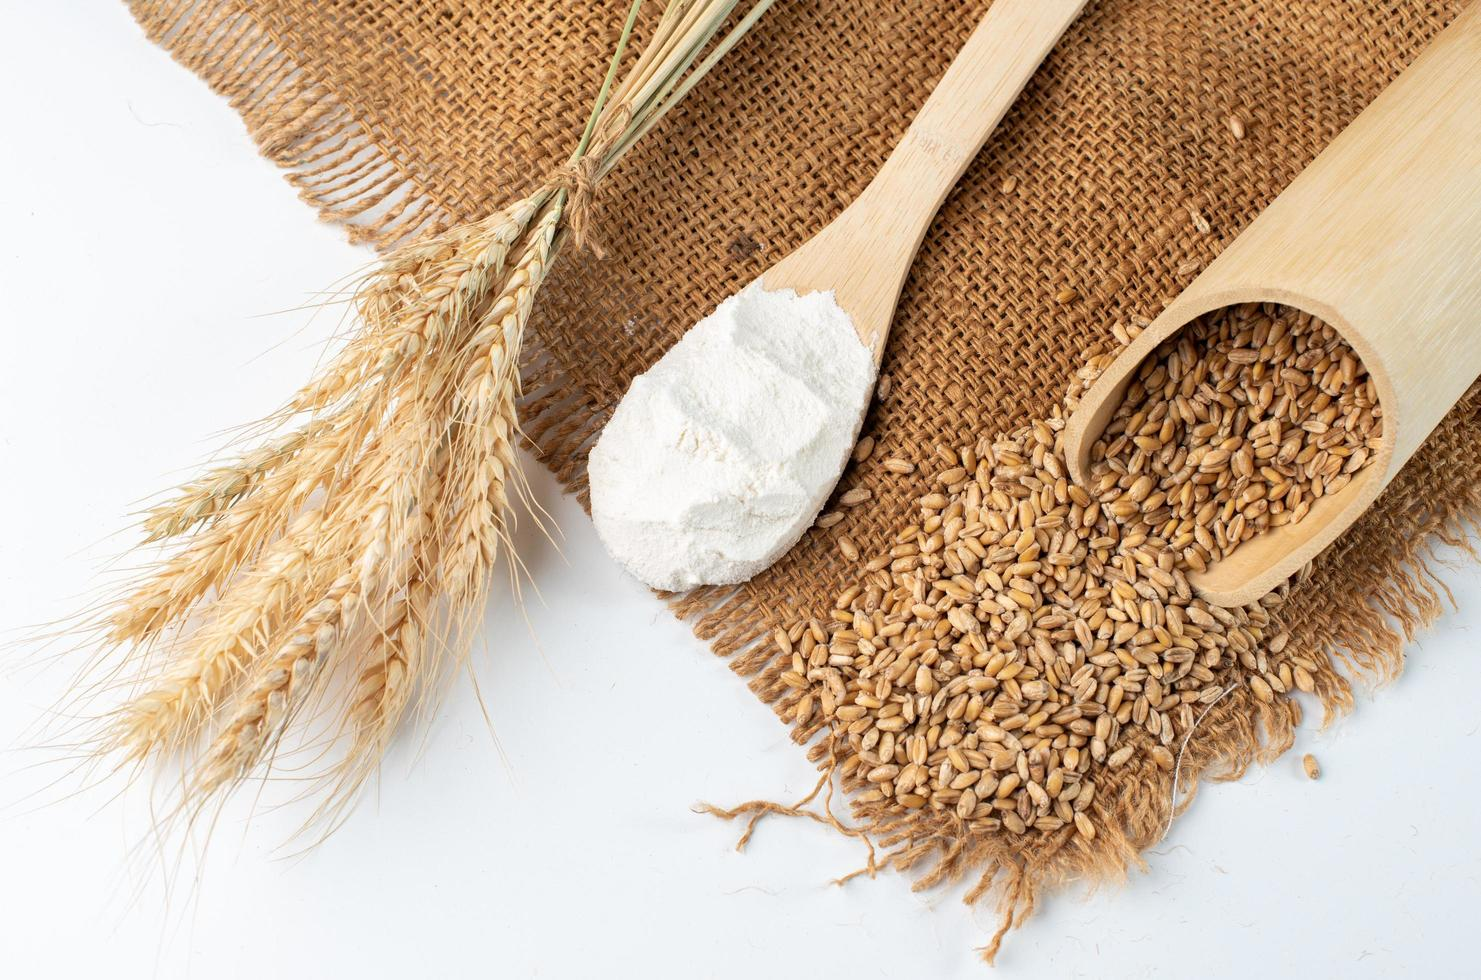 ingrédients de farine et de blé pour la cuisson photo